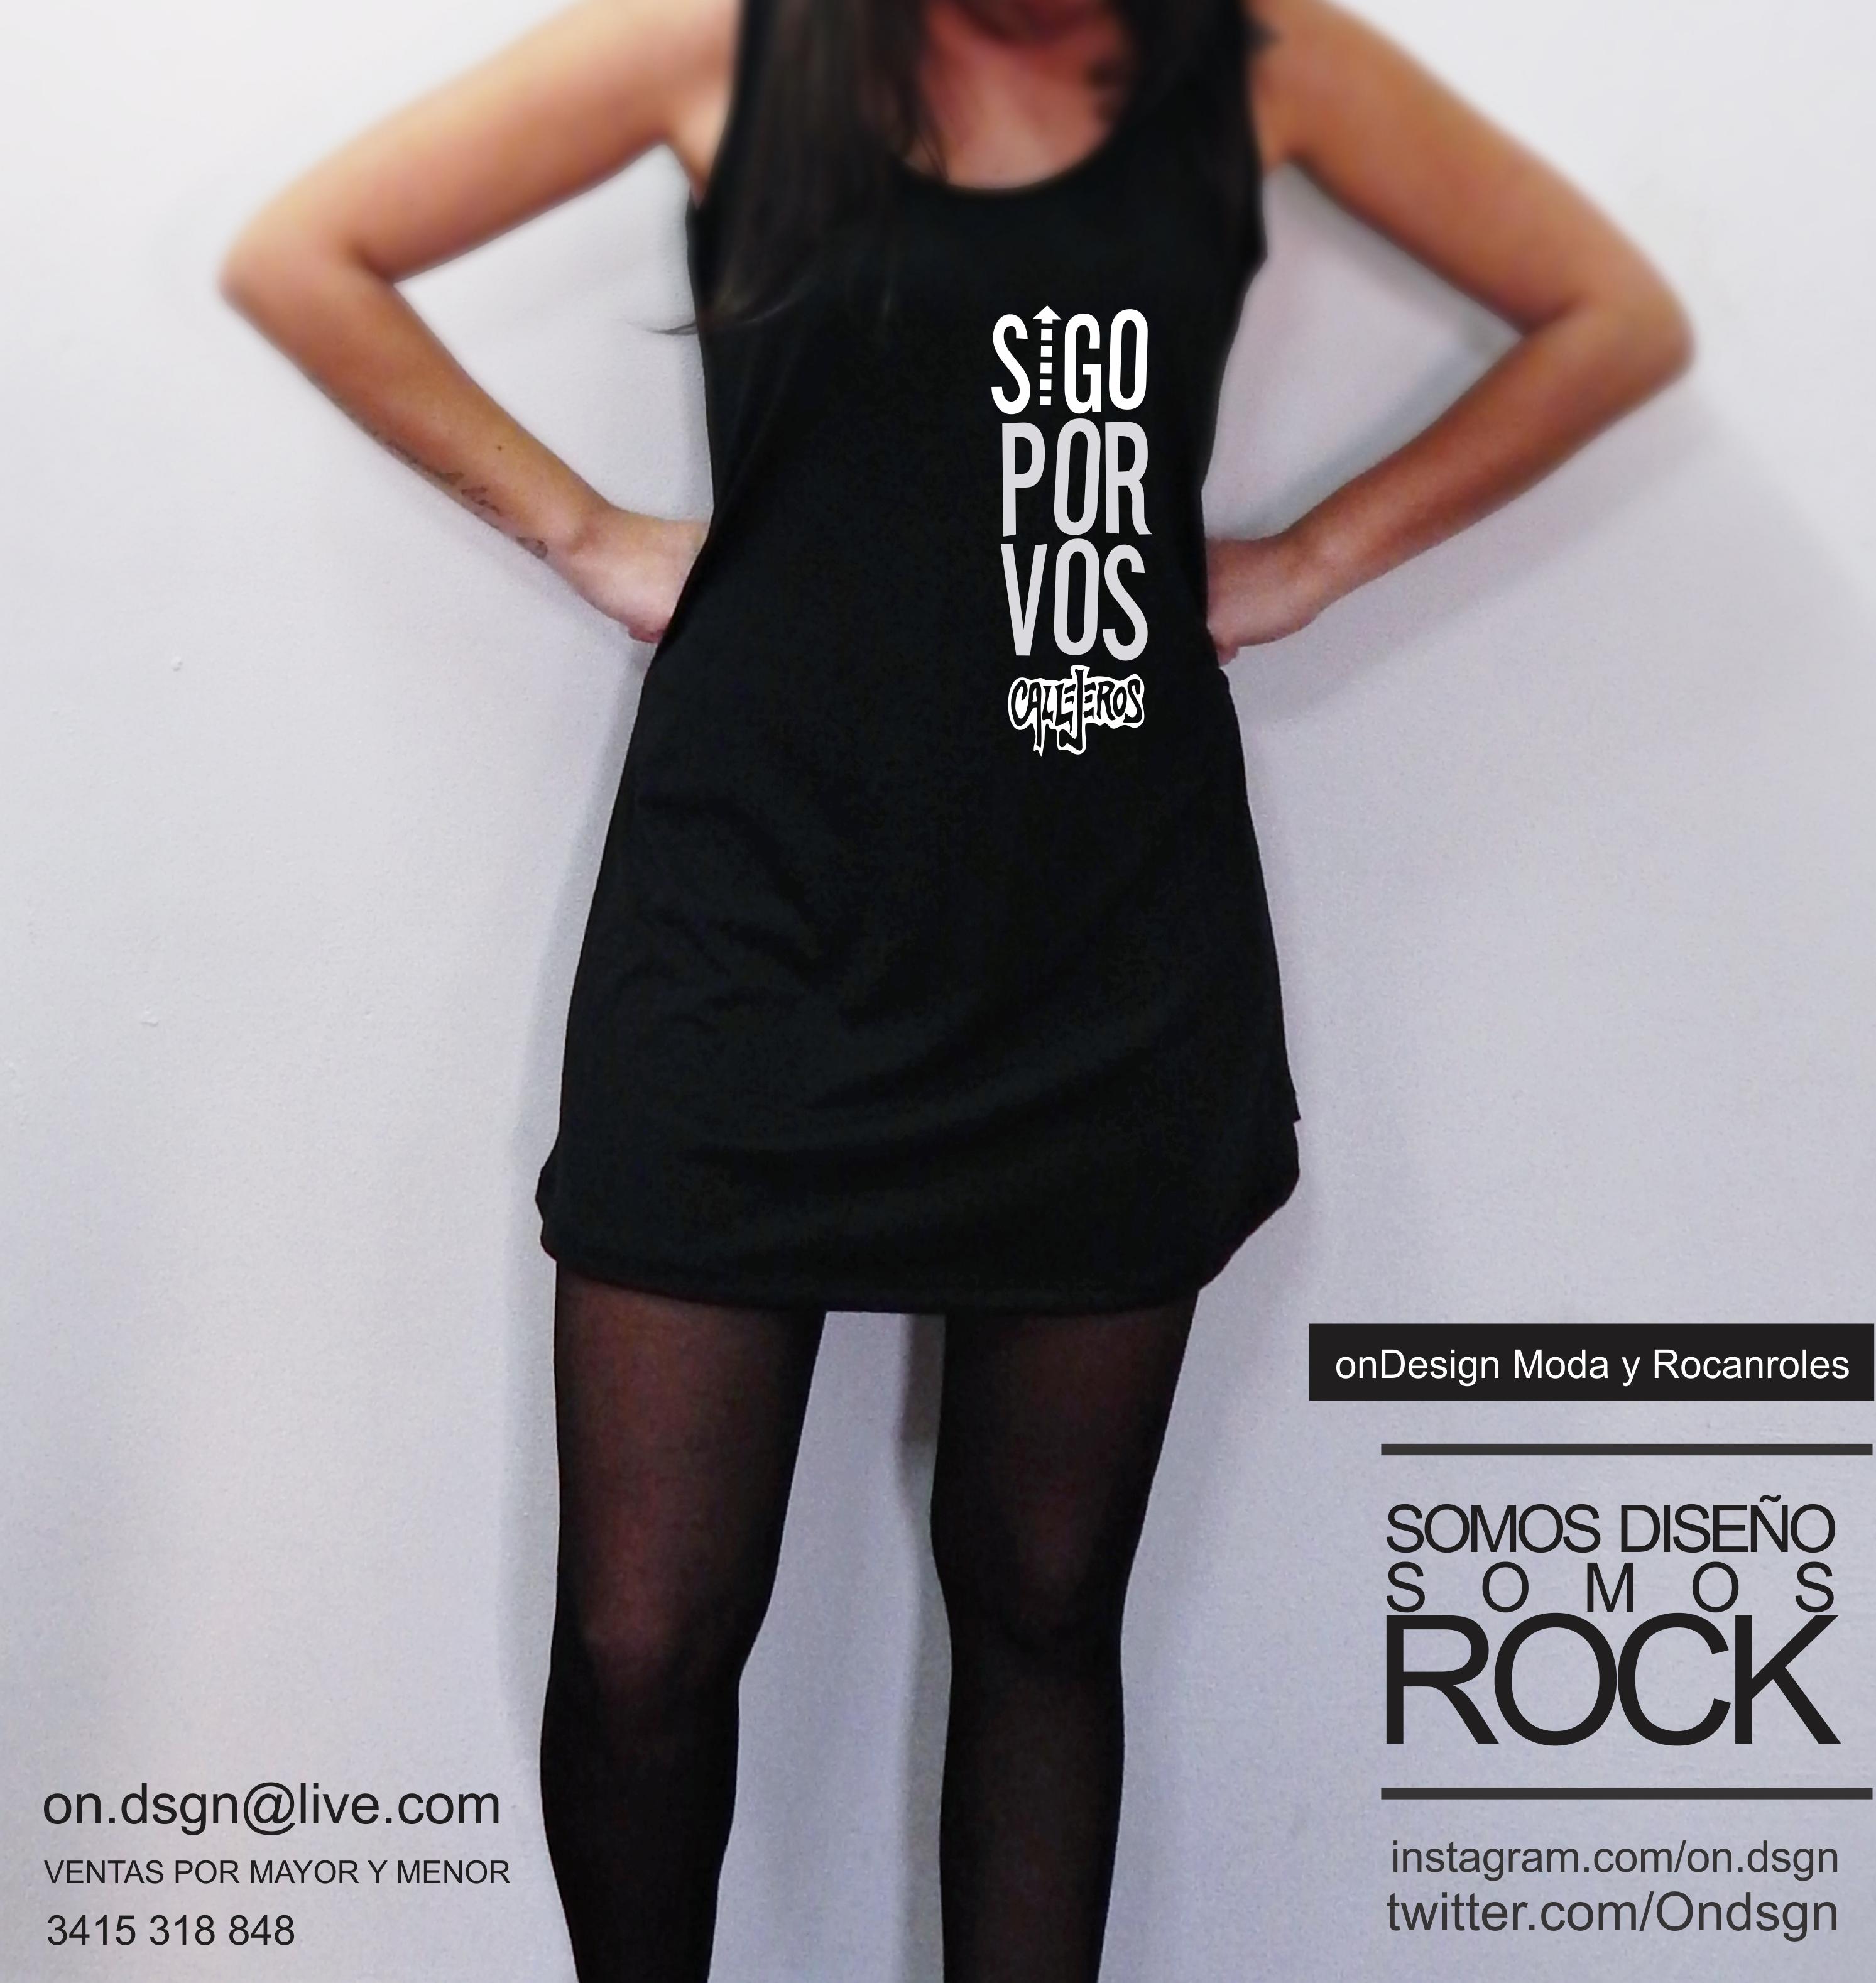 Moda Vestidos Rocanroles Vos Negros Por Ondesign Remerón Y Sigo shQdtrC